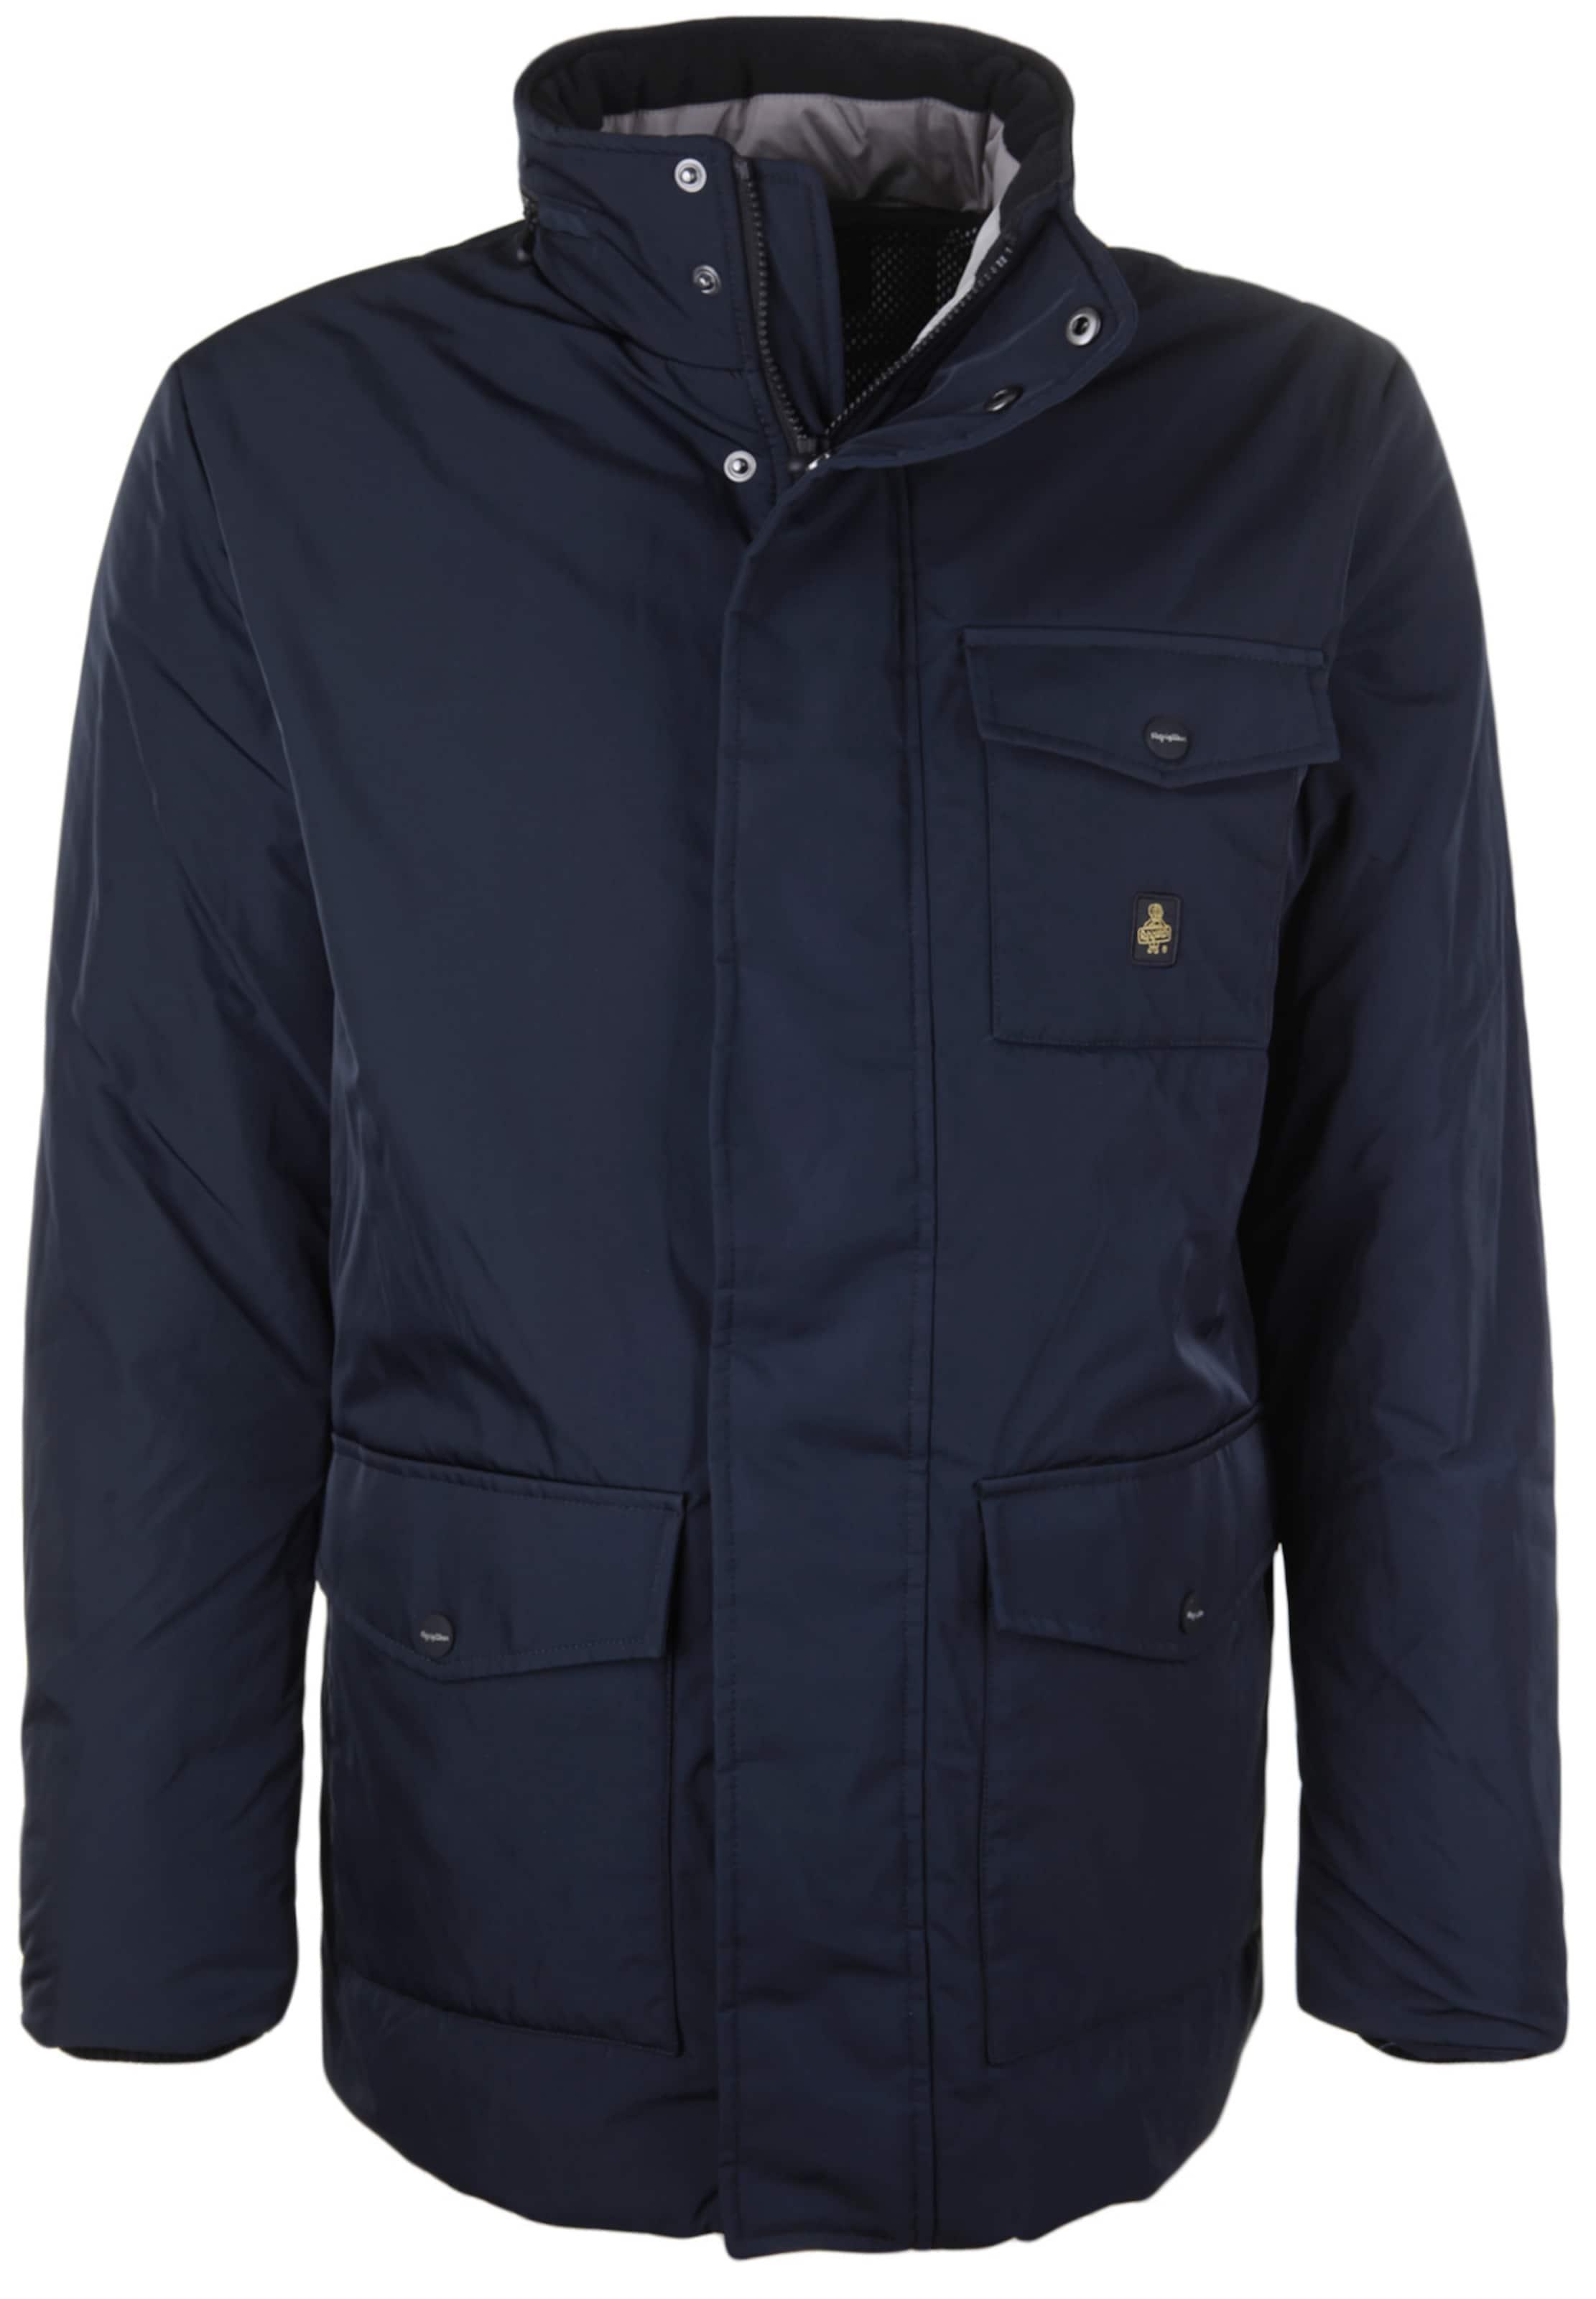 Winterjacke Refrigiwear 'hobson' Refrigiwear Nachtblau Refrigiwear 'hobson' In In Winterjacke Nachtblau FJK1cl